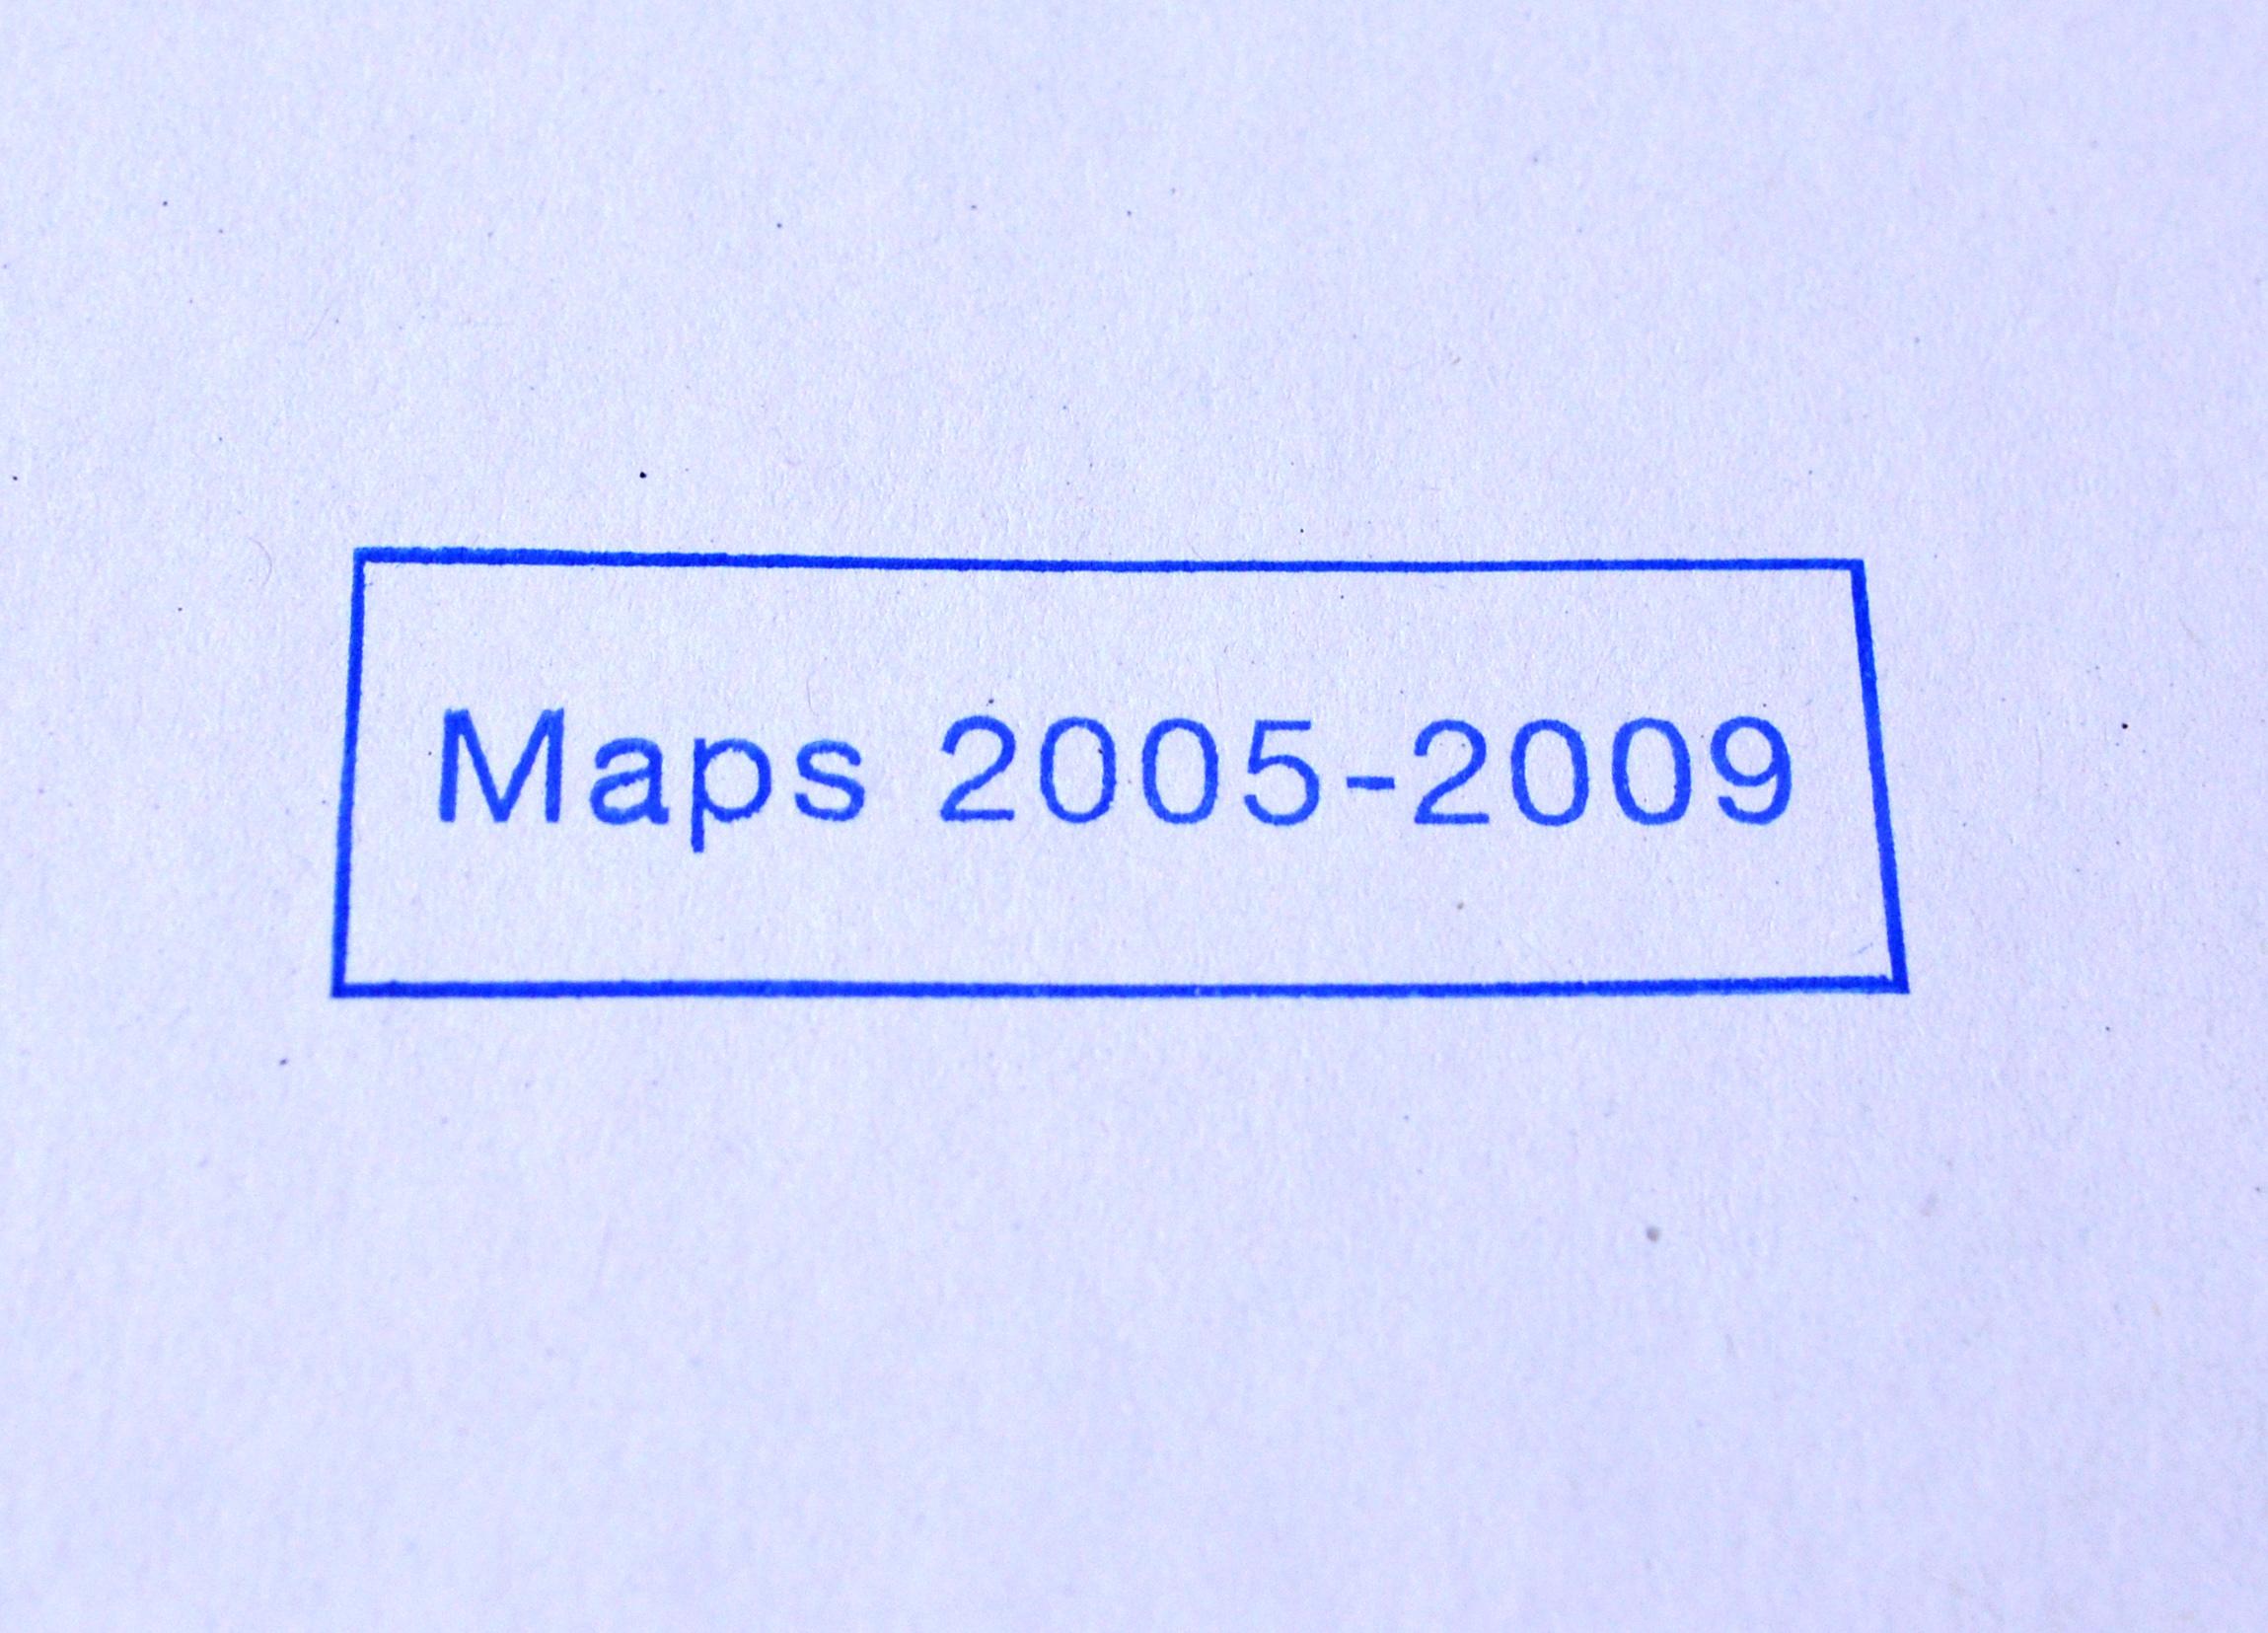 Mape 2005-2009. Katalog sa tekstovima i mapama, Minna L. Henriksson, 2011.